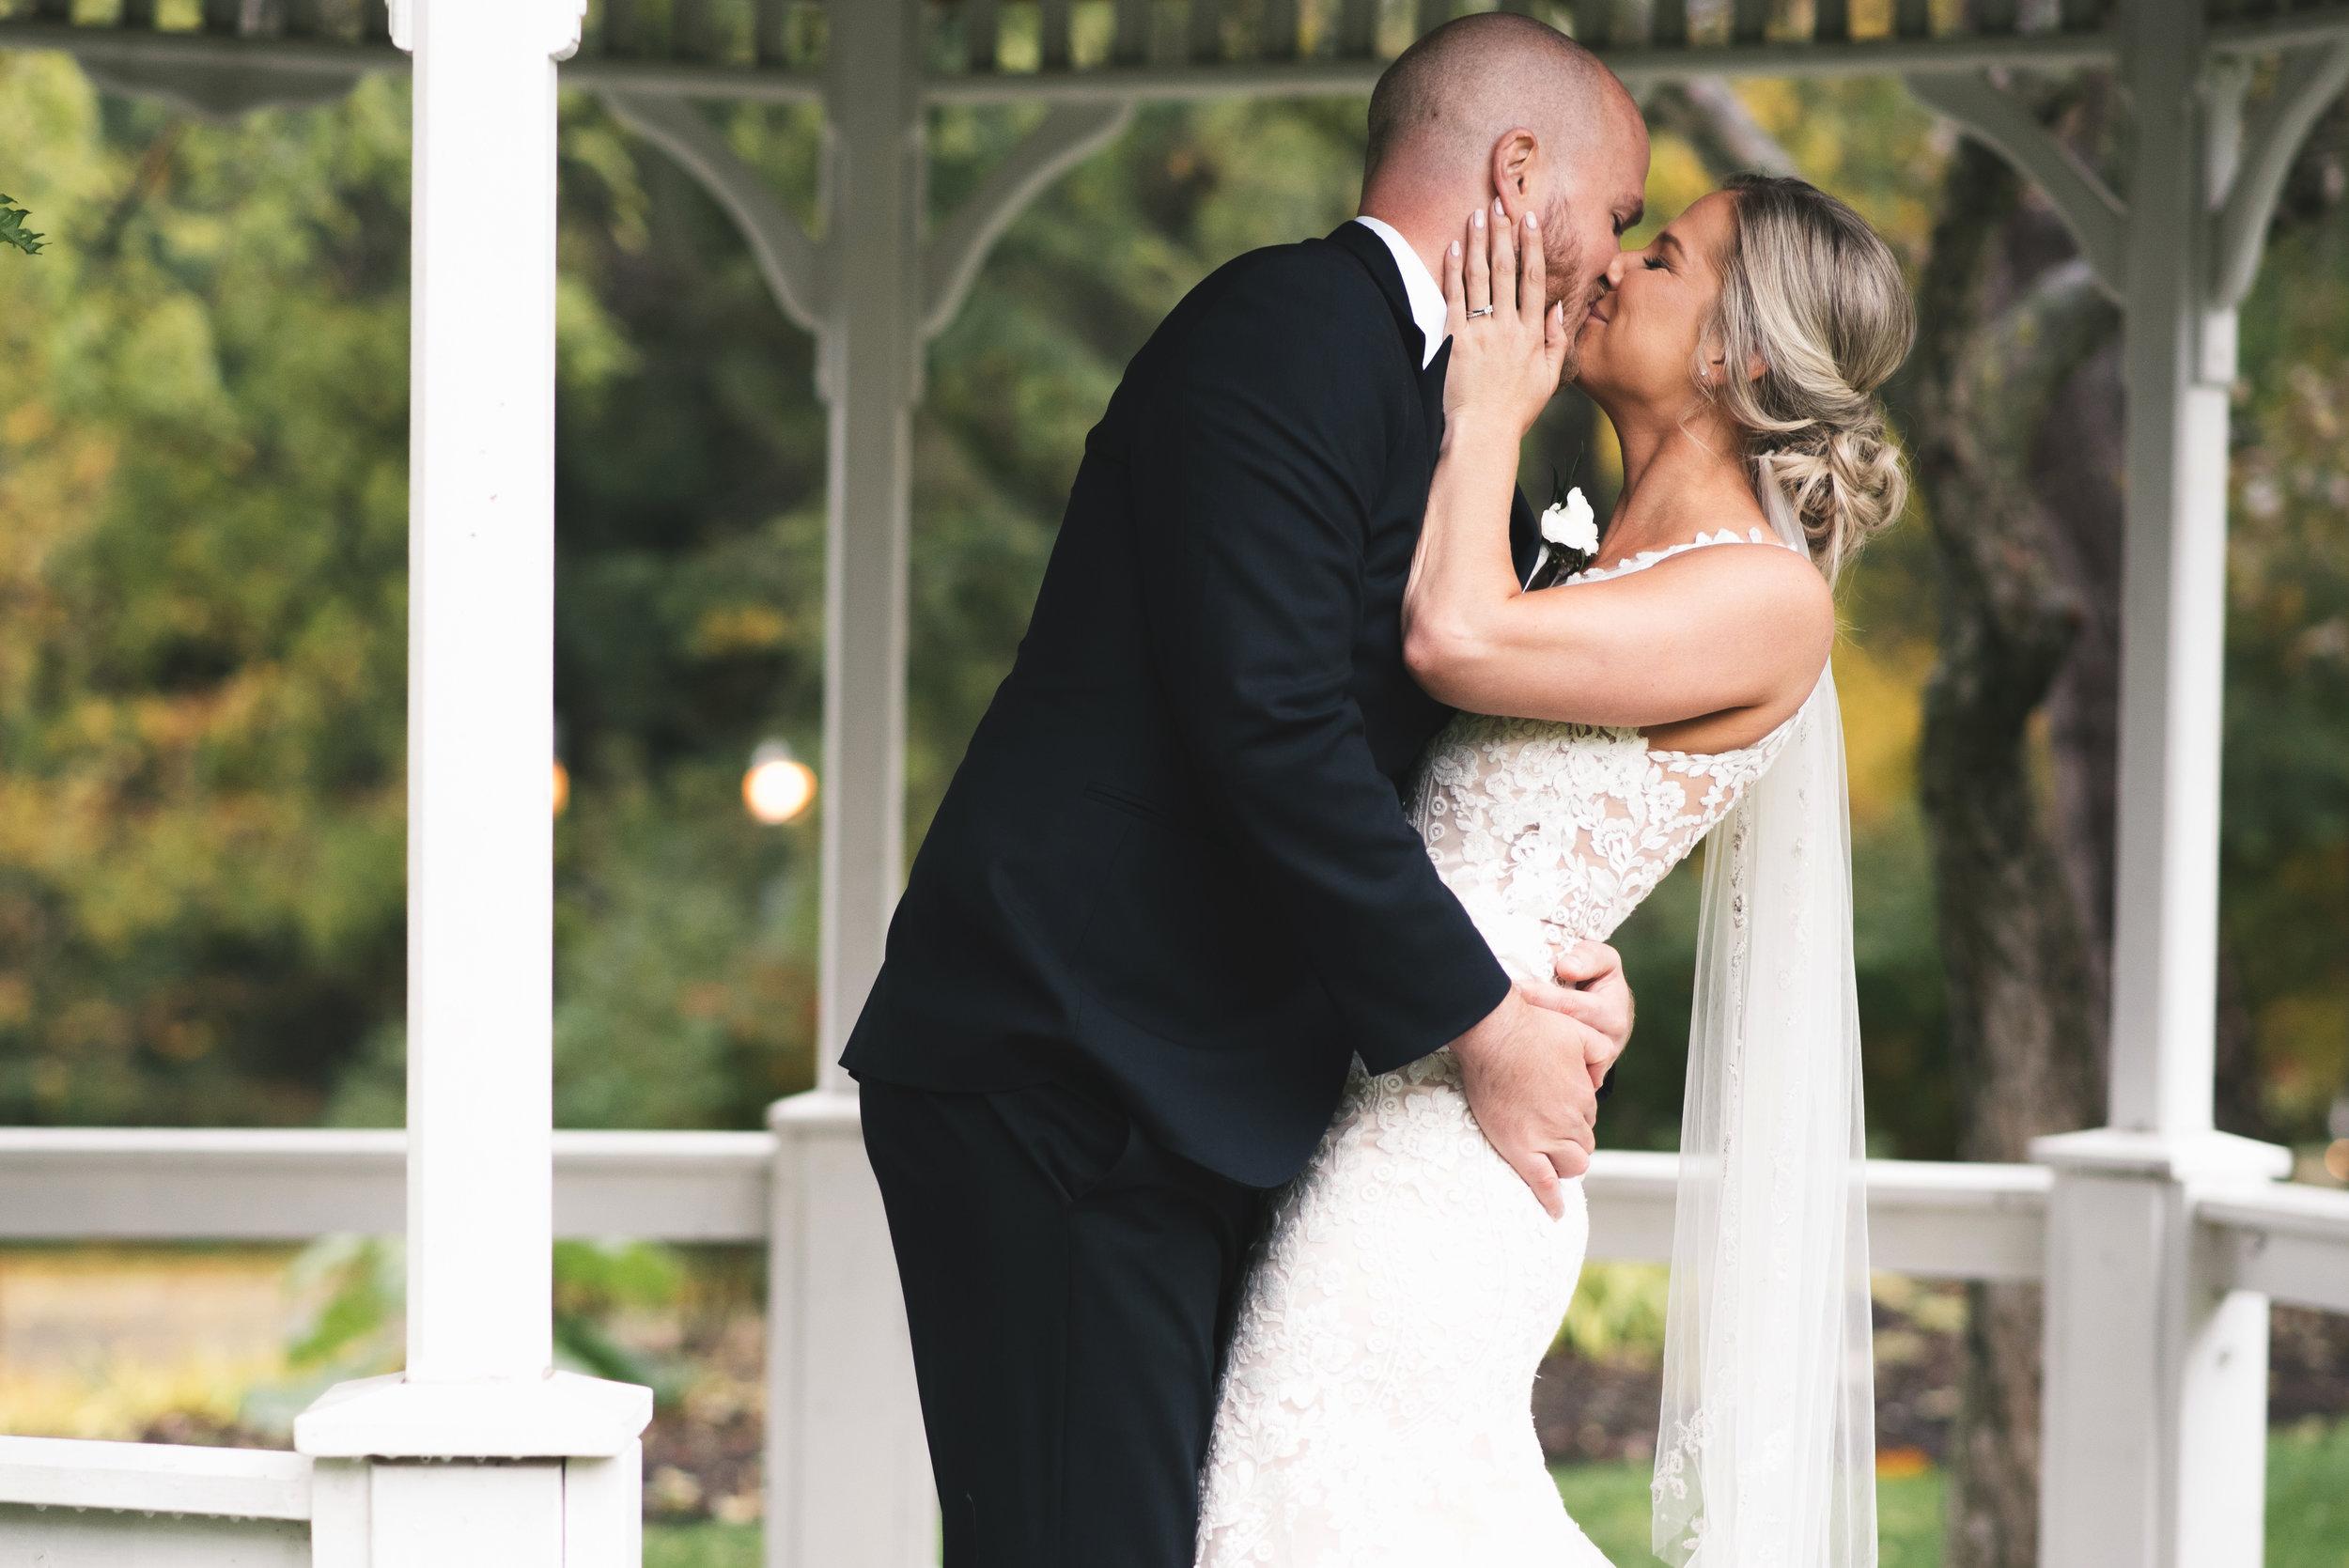 181027_ColleenLiam_Wedding_DSC_8325.jpg